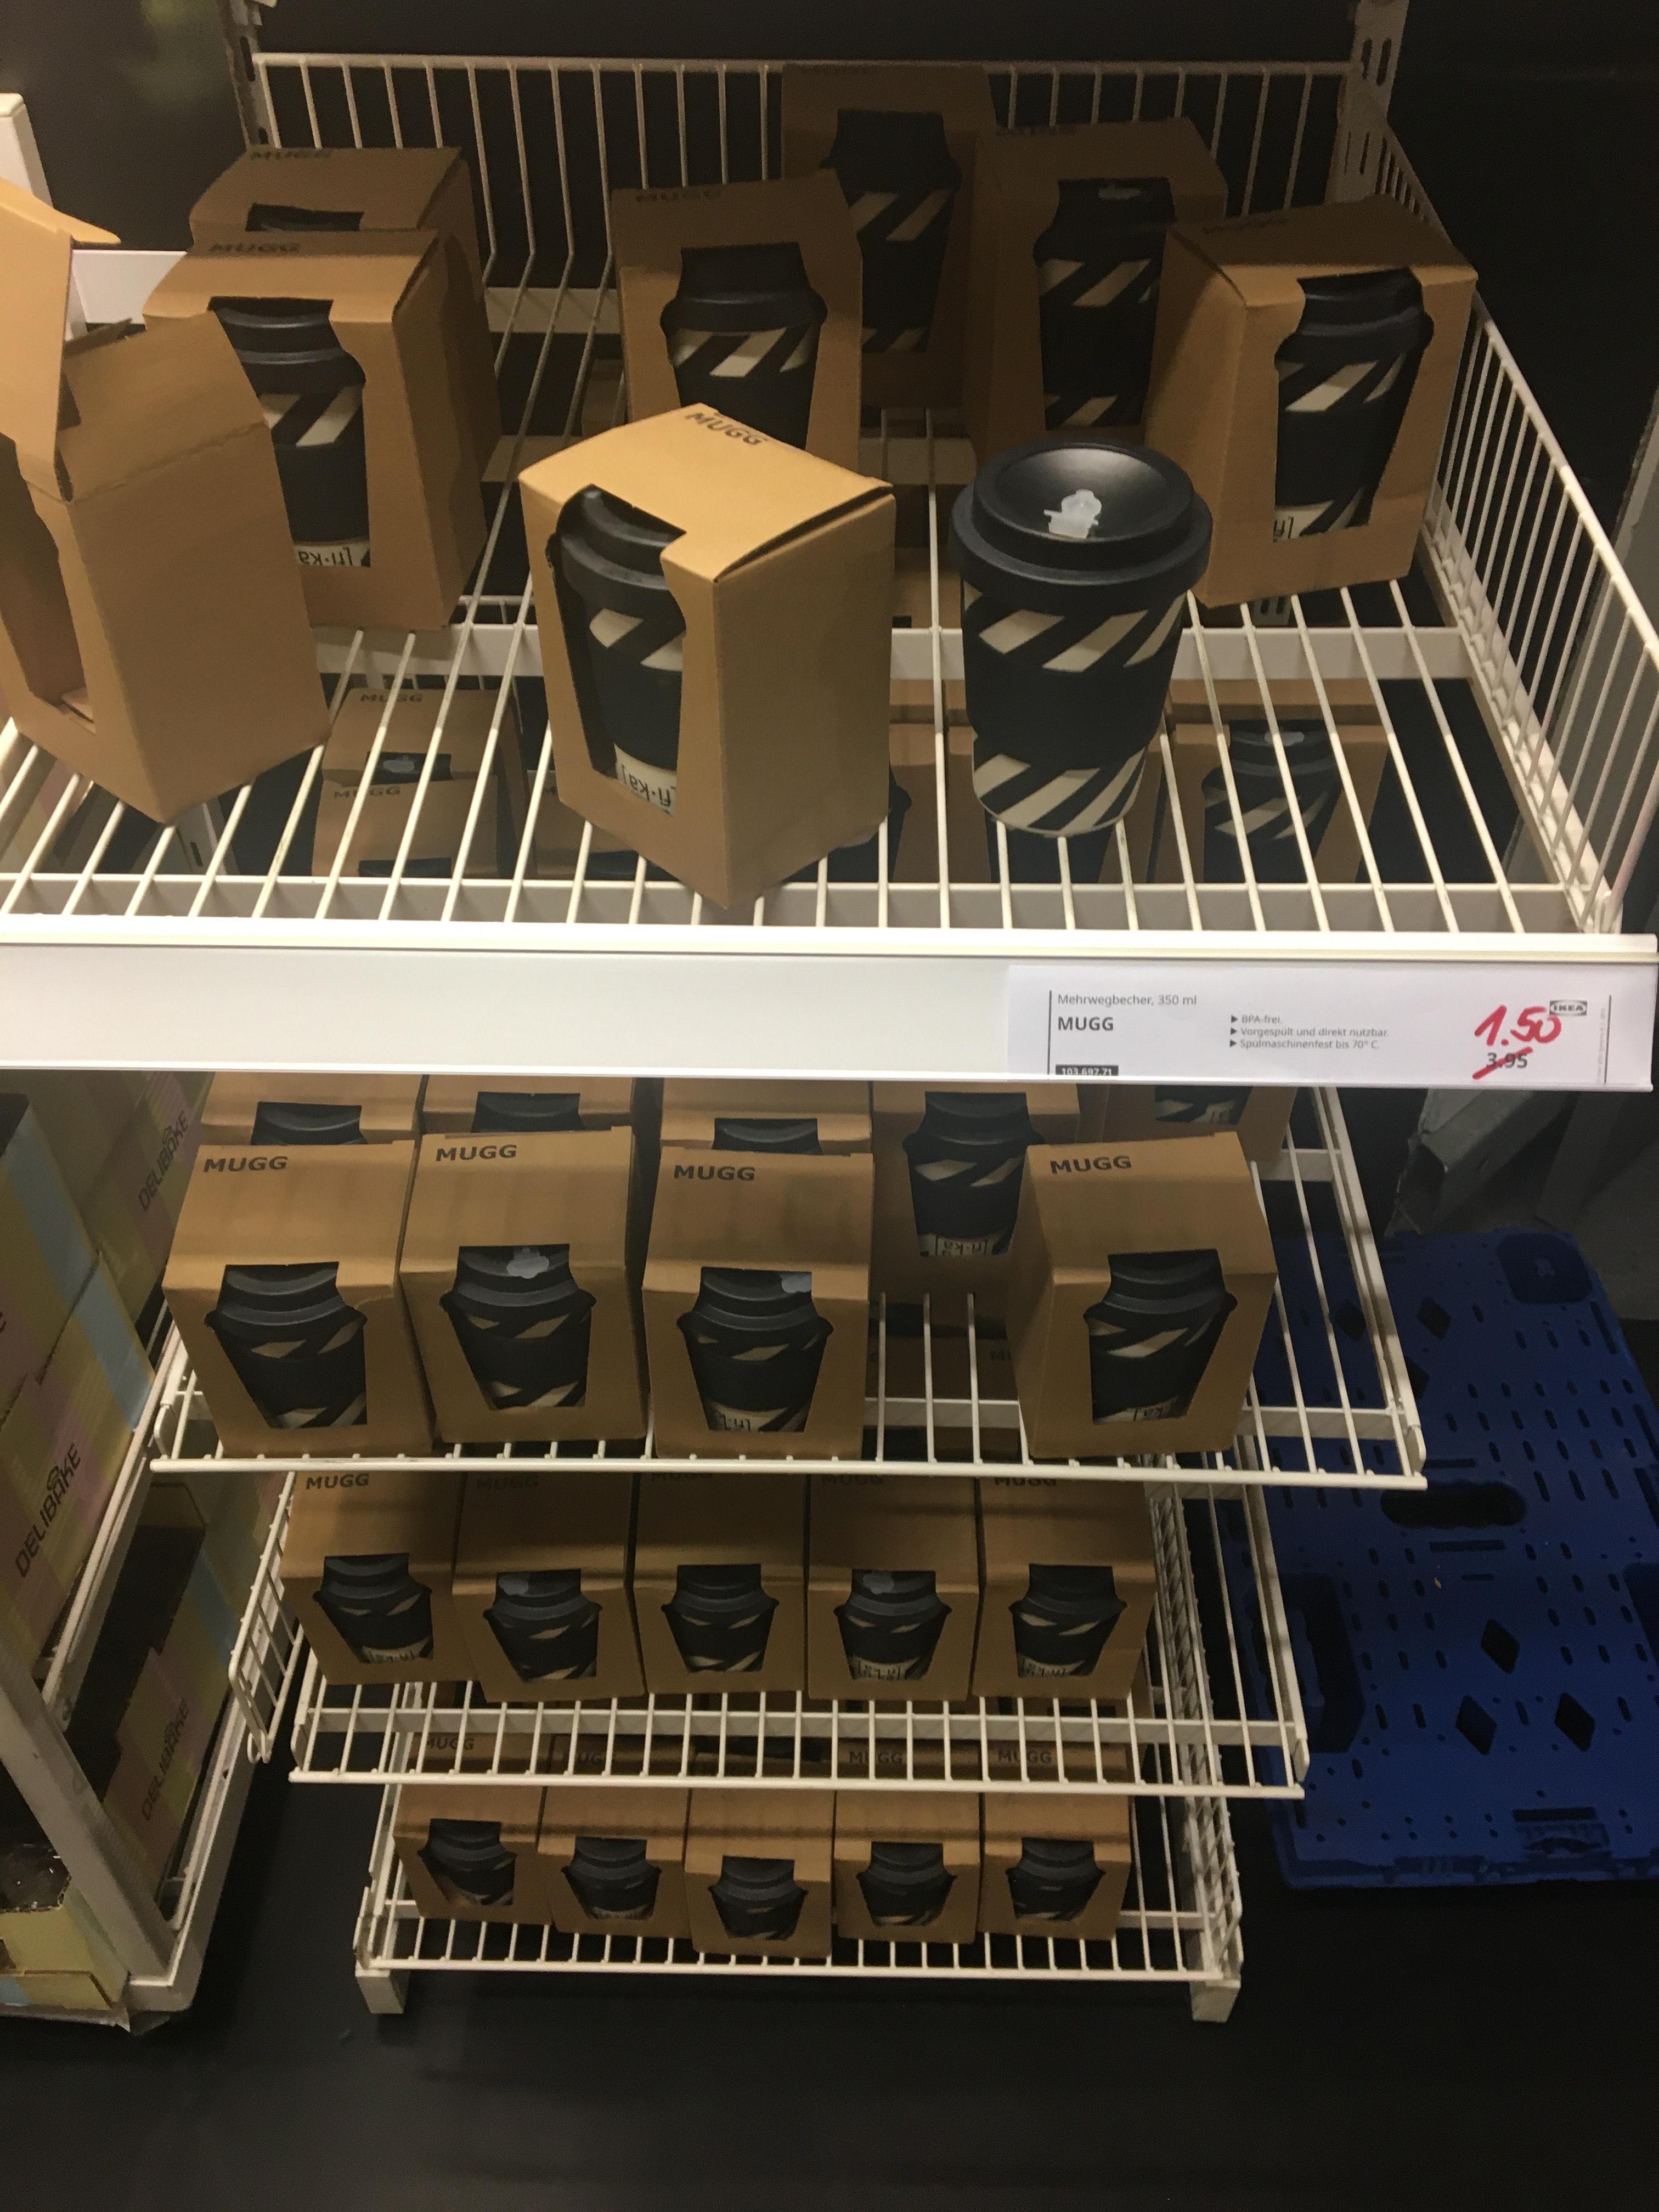 [Essen IKEA] MUGG 350 ml Mehrzweckbecher